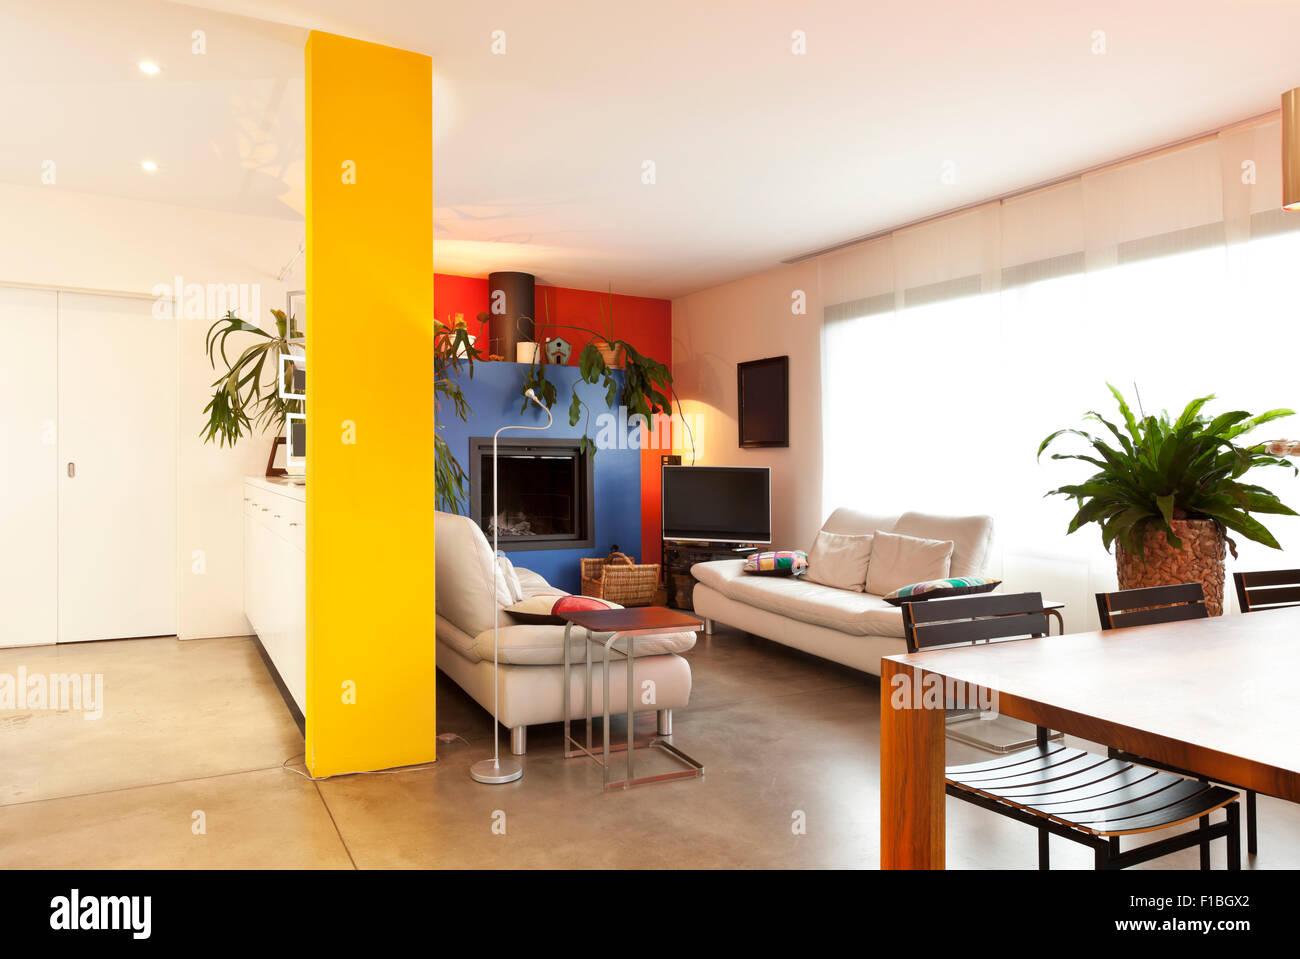 komfortable, moderne Wohnung, Halle Aussicht, Wohnzimmer Hintergrund ...